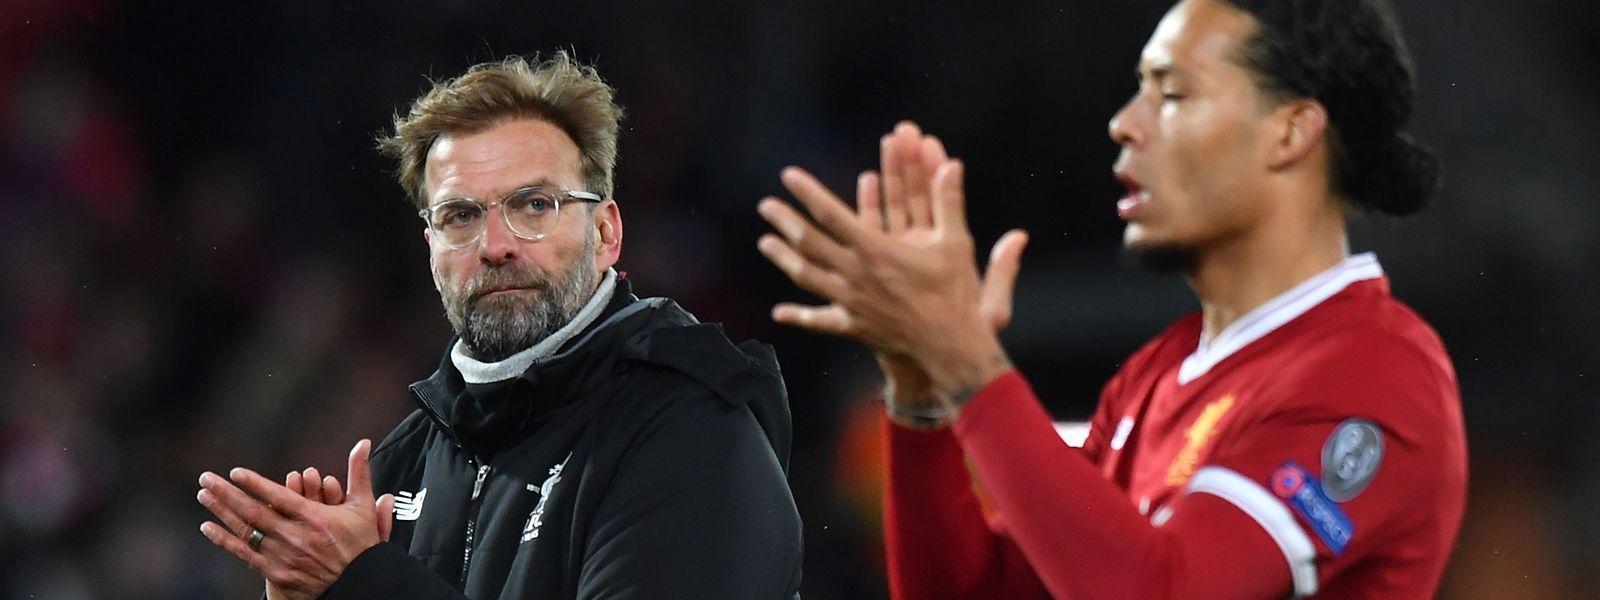 Jurgen Klopp e o defesa Virgil van Dijk bateram o Manchester City e deram um grande passo rumo às meias finais da 'Champions'.